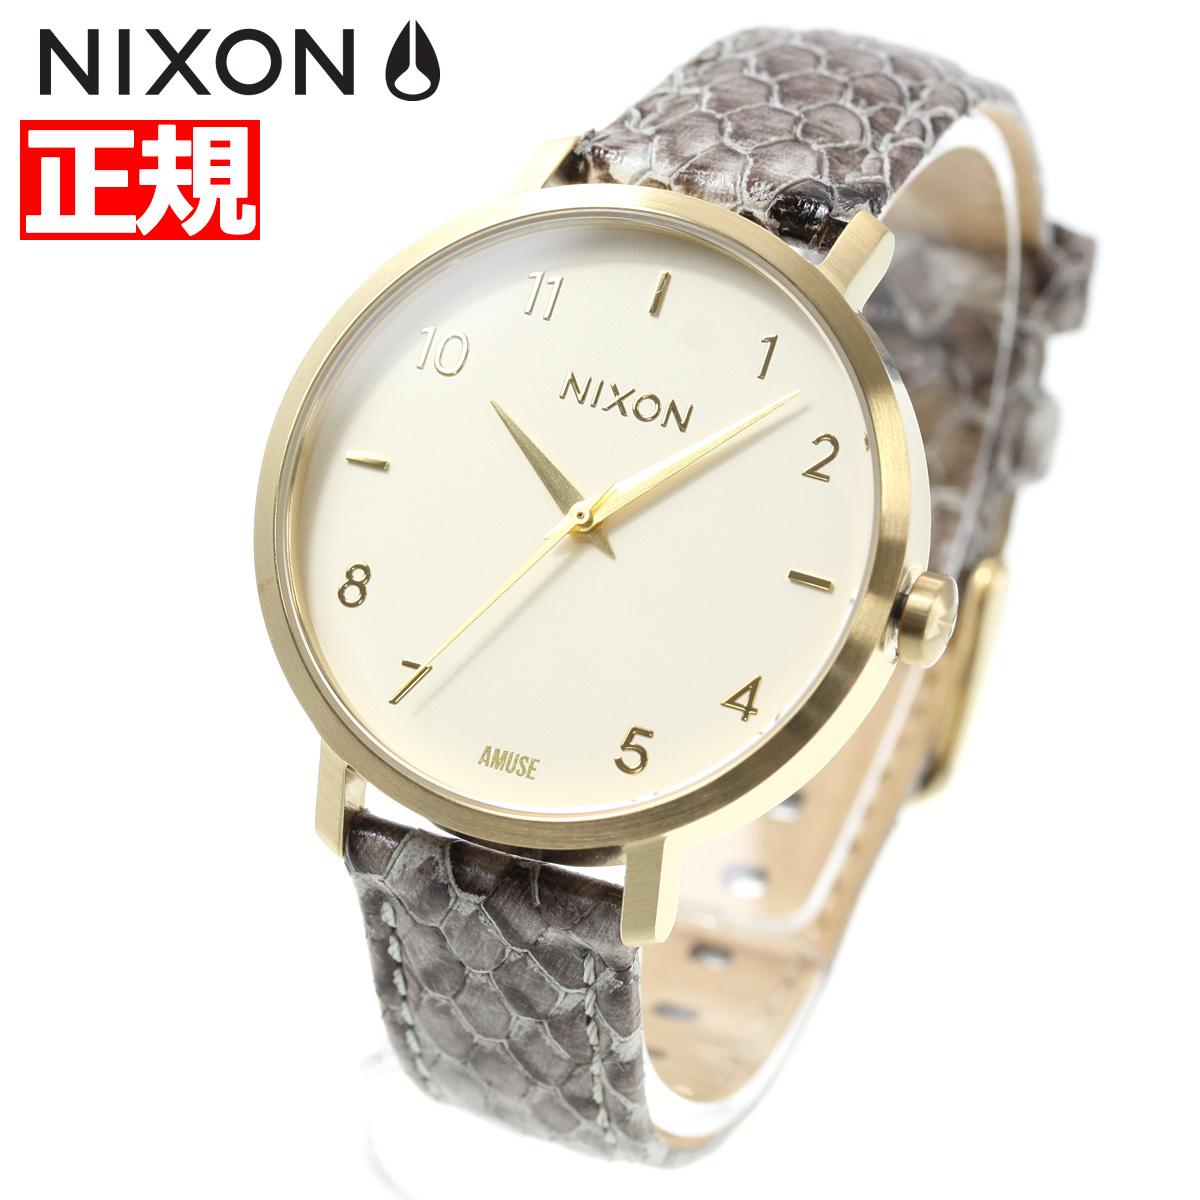 ニクソン NIXON アロー レザー ARROW LEATHER 腕時計 レディース ゴールド/トープ/アミューズ NA10912890-00